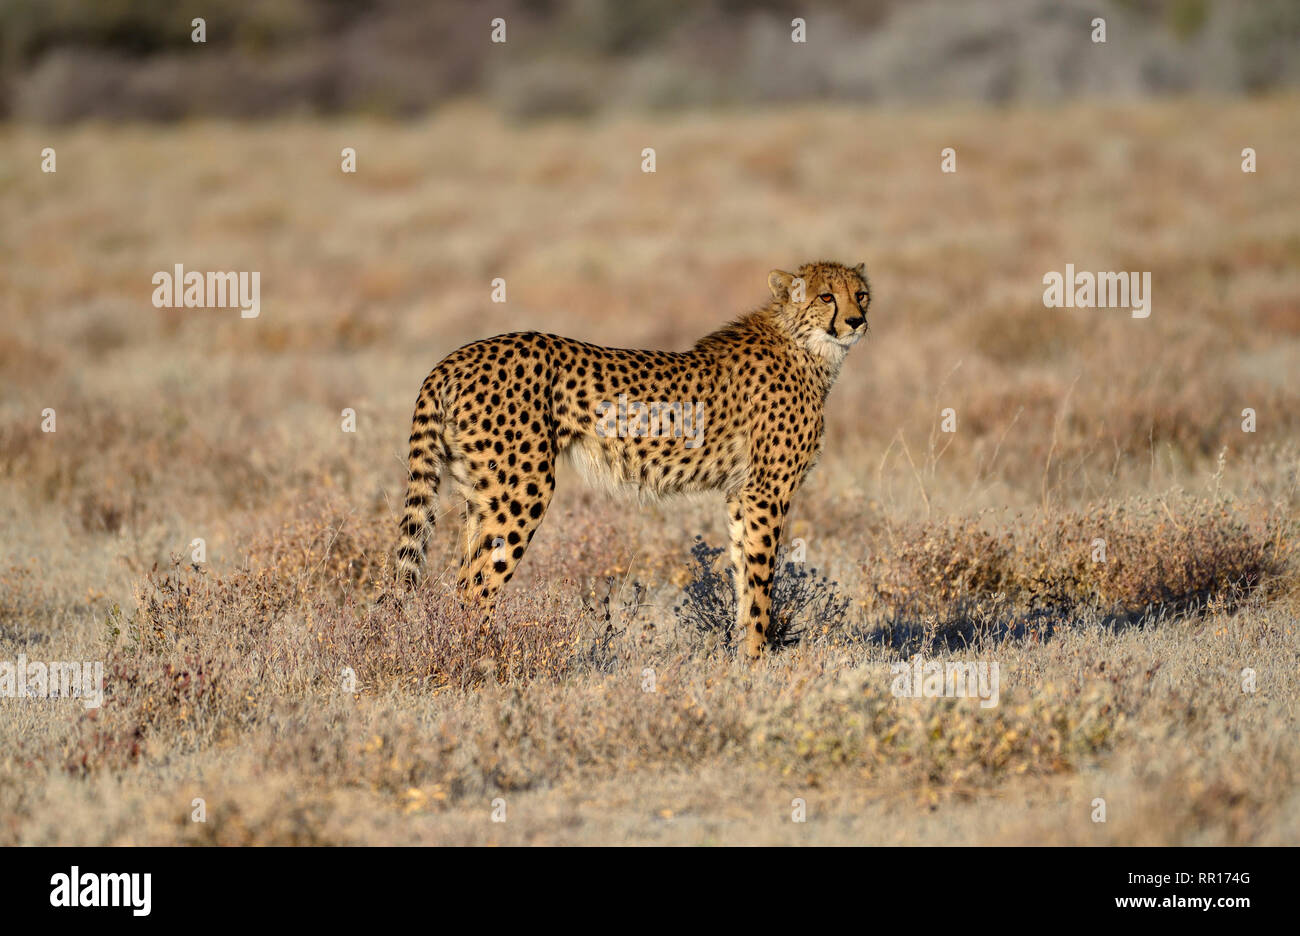 Zoologie, Säugetiere (Mammalia), Geparden (Acinonyx jubatus), männliche Tier, von Namutoni, Etosha Nationalpark, Additional-Rights - Clearance-Info - Not-Available Stockfoto